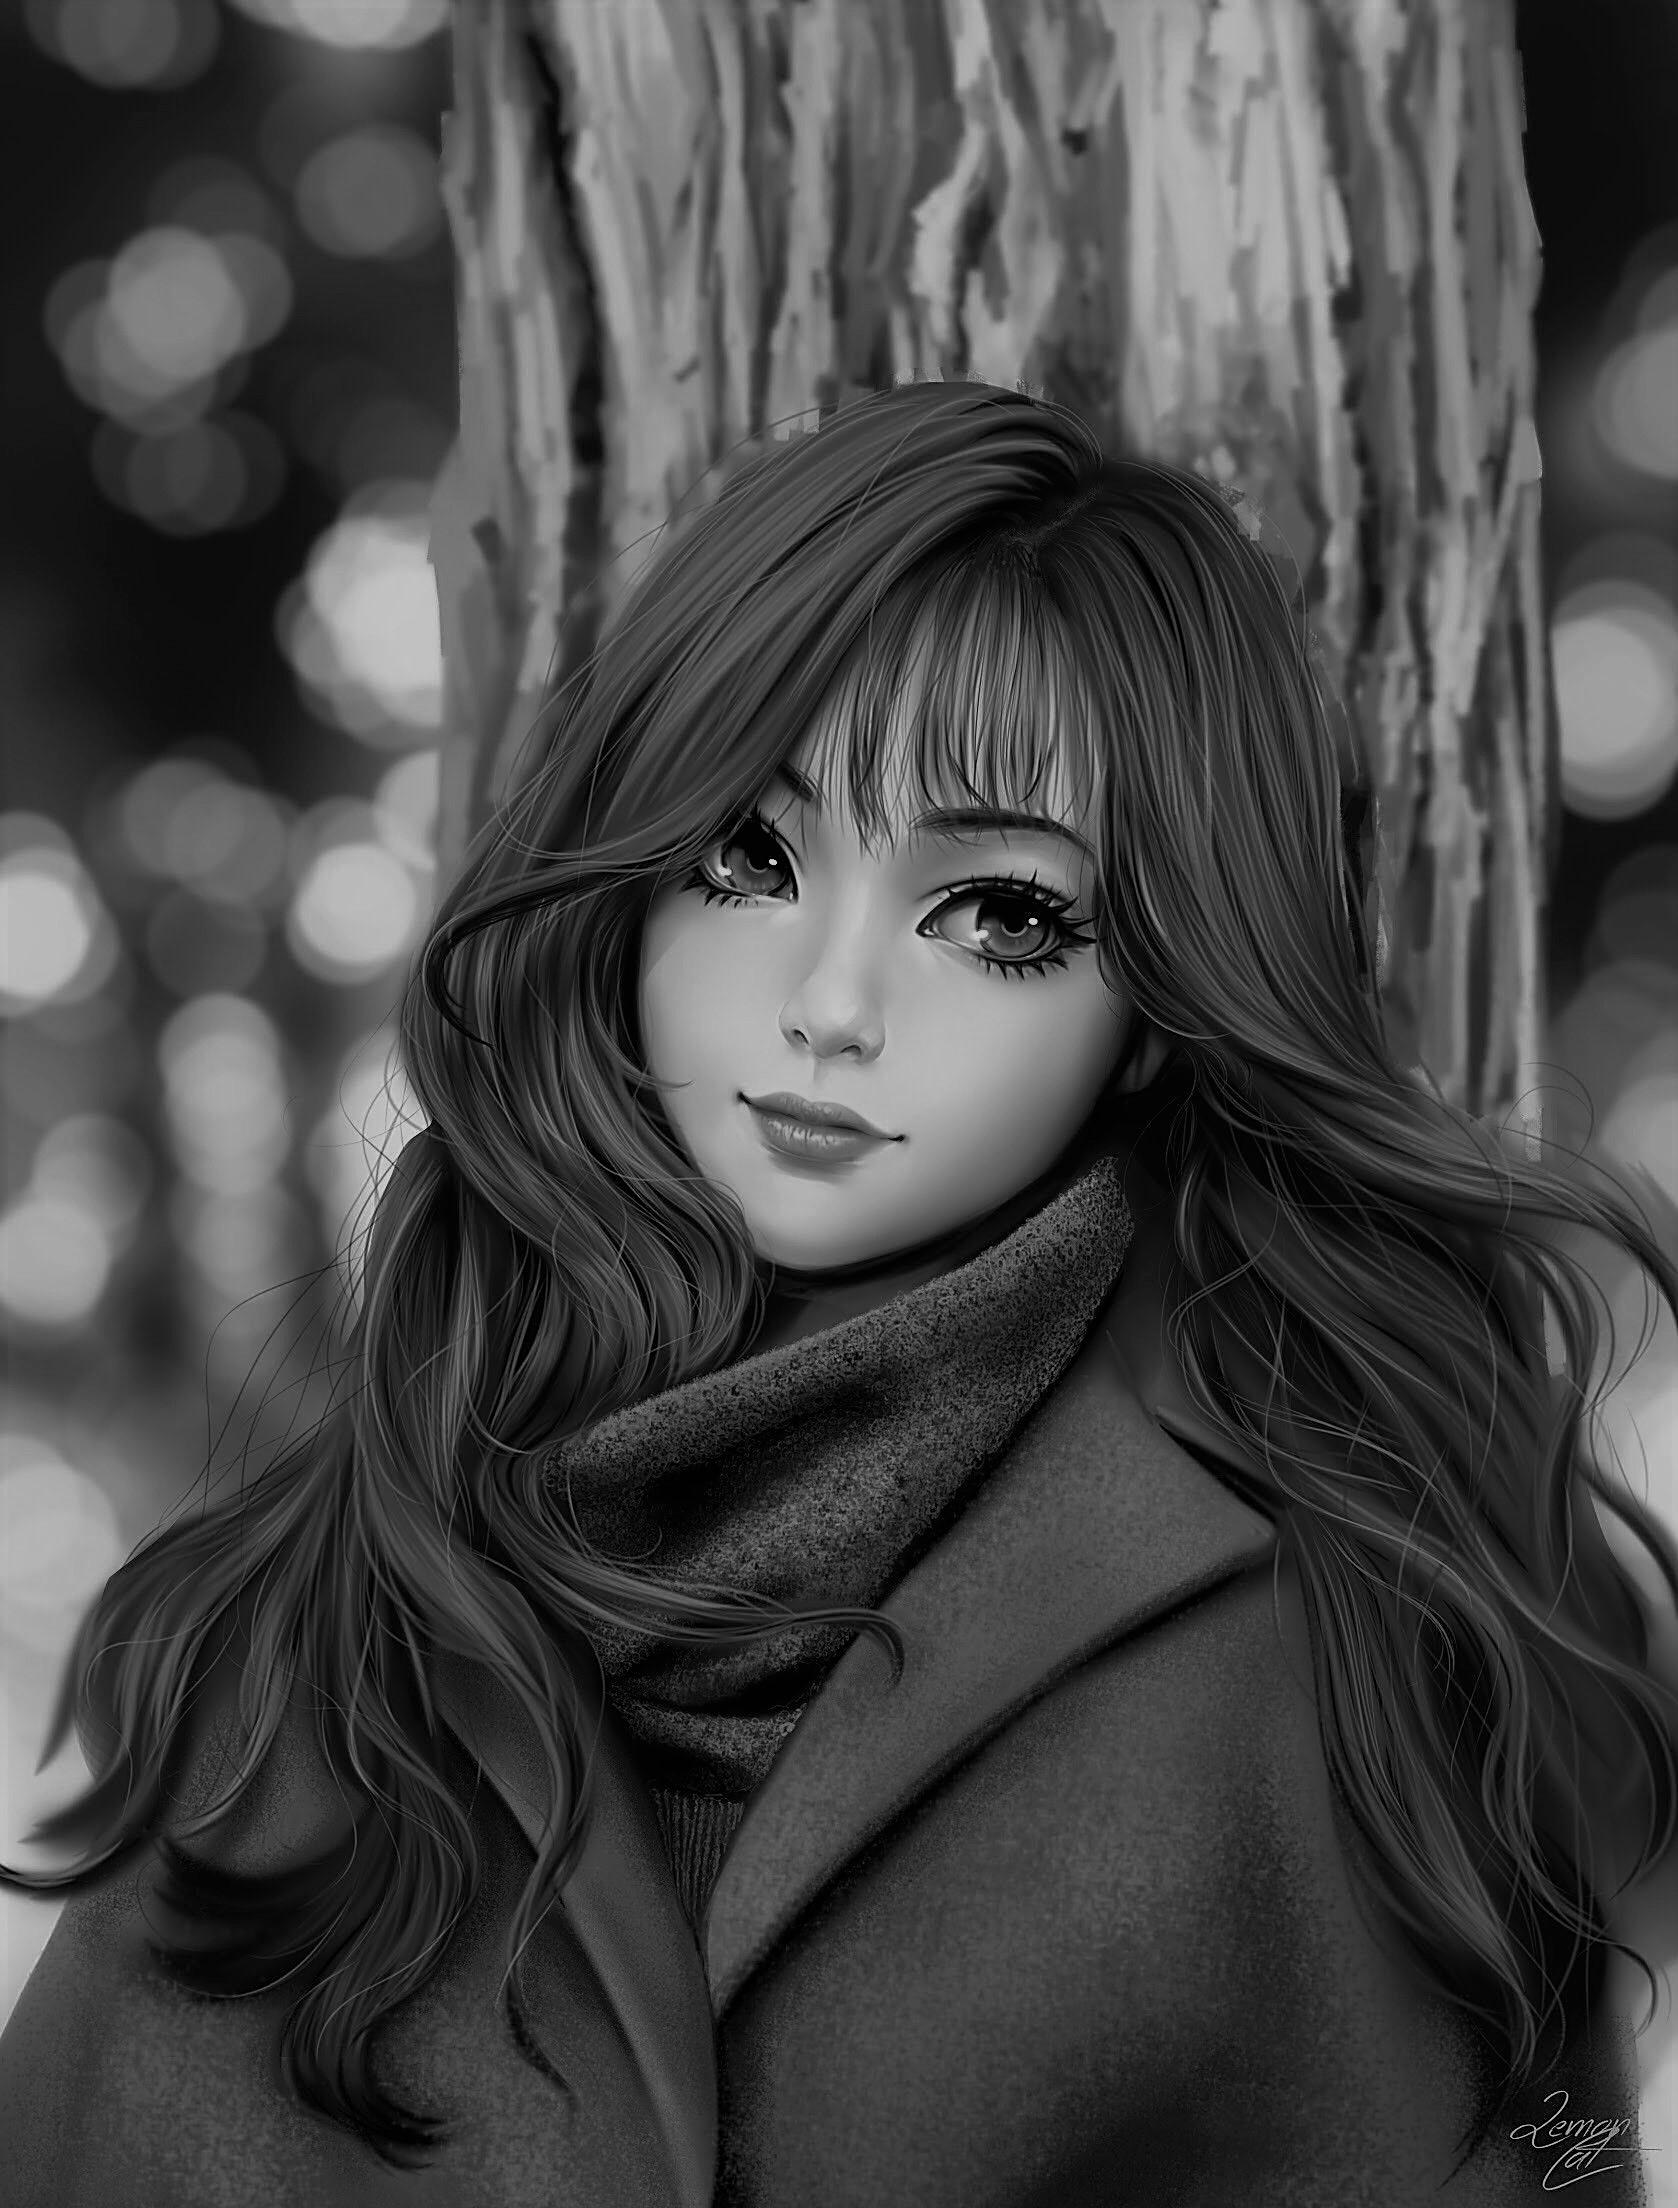 Hình anime trắng đen cô gái xinh đẹp